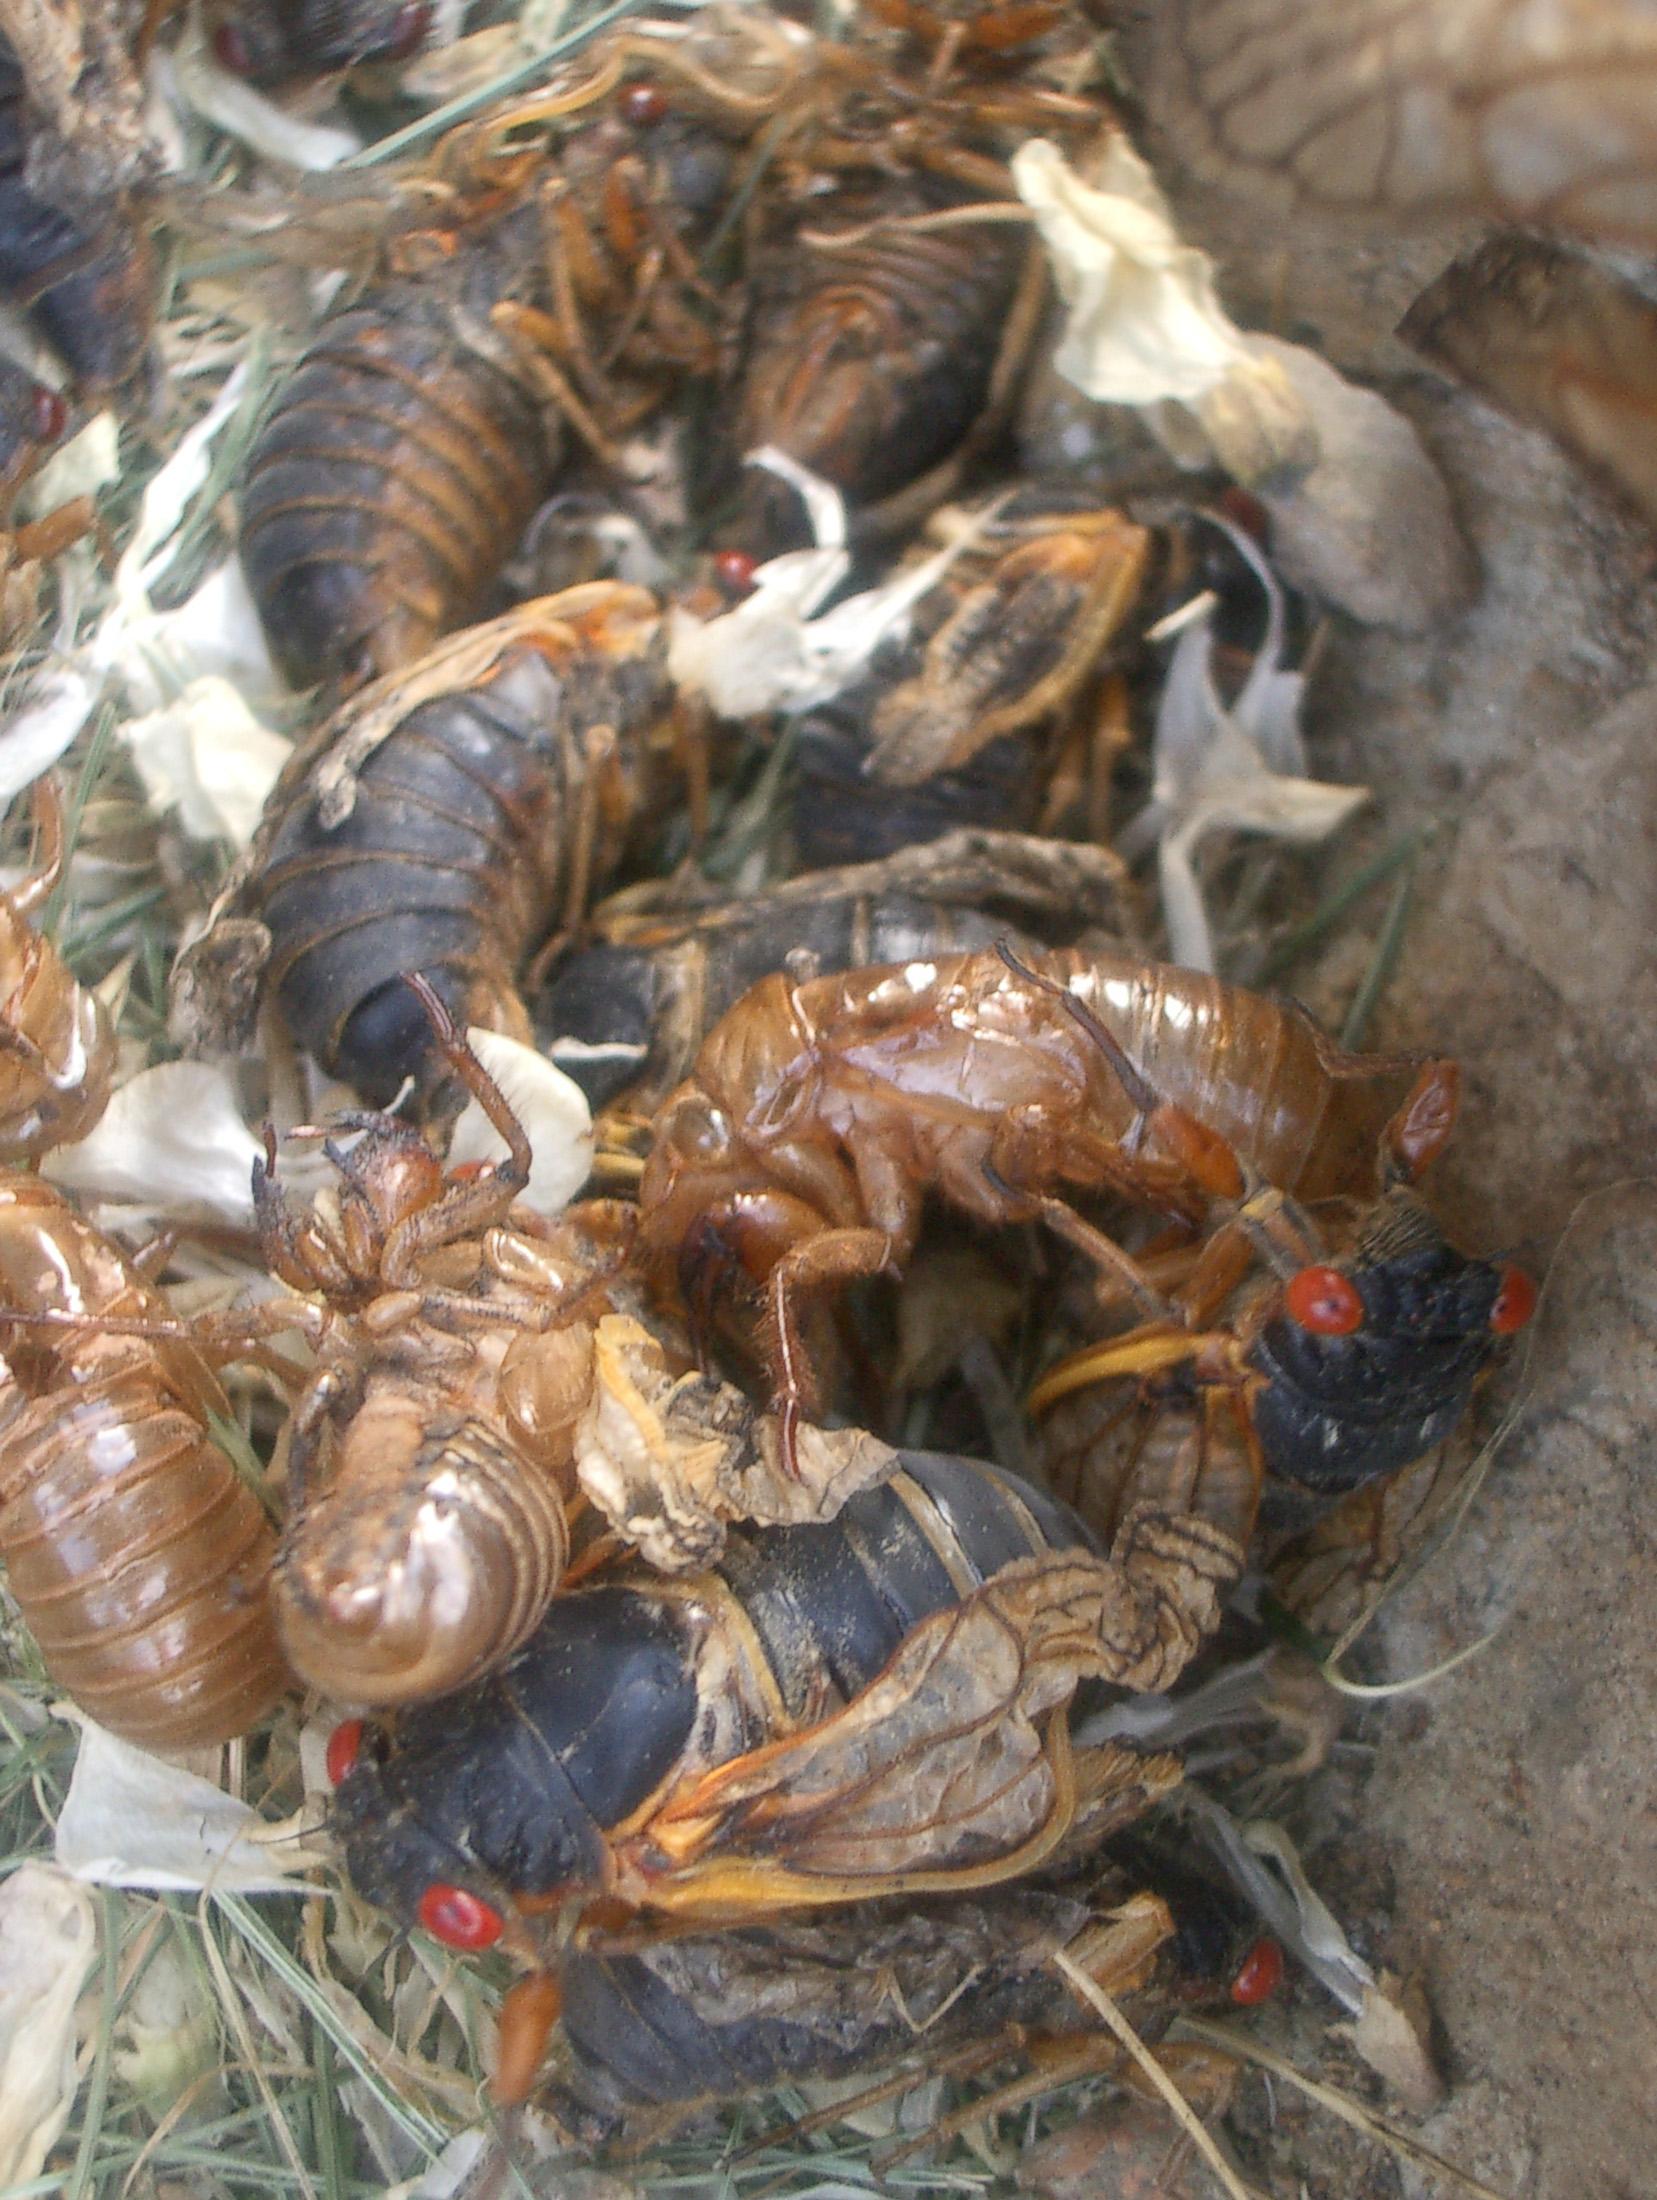 بعيد خروجها من تحت الأرض، تتخلص حشراتالزيز من هيكلها الخارجي